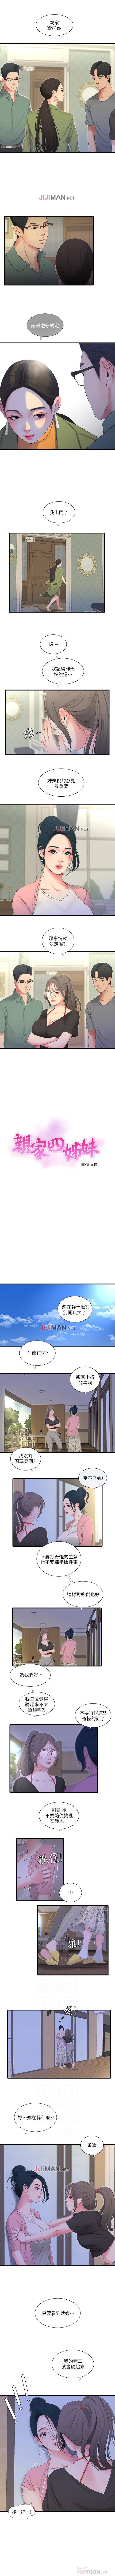 【周四连载】亲家四姐妹(作者:愛摸) 第1~31话 78